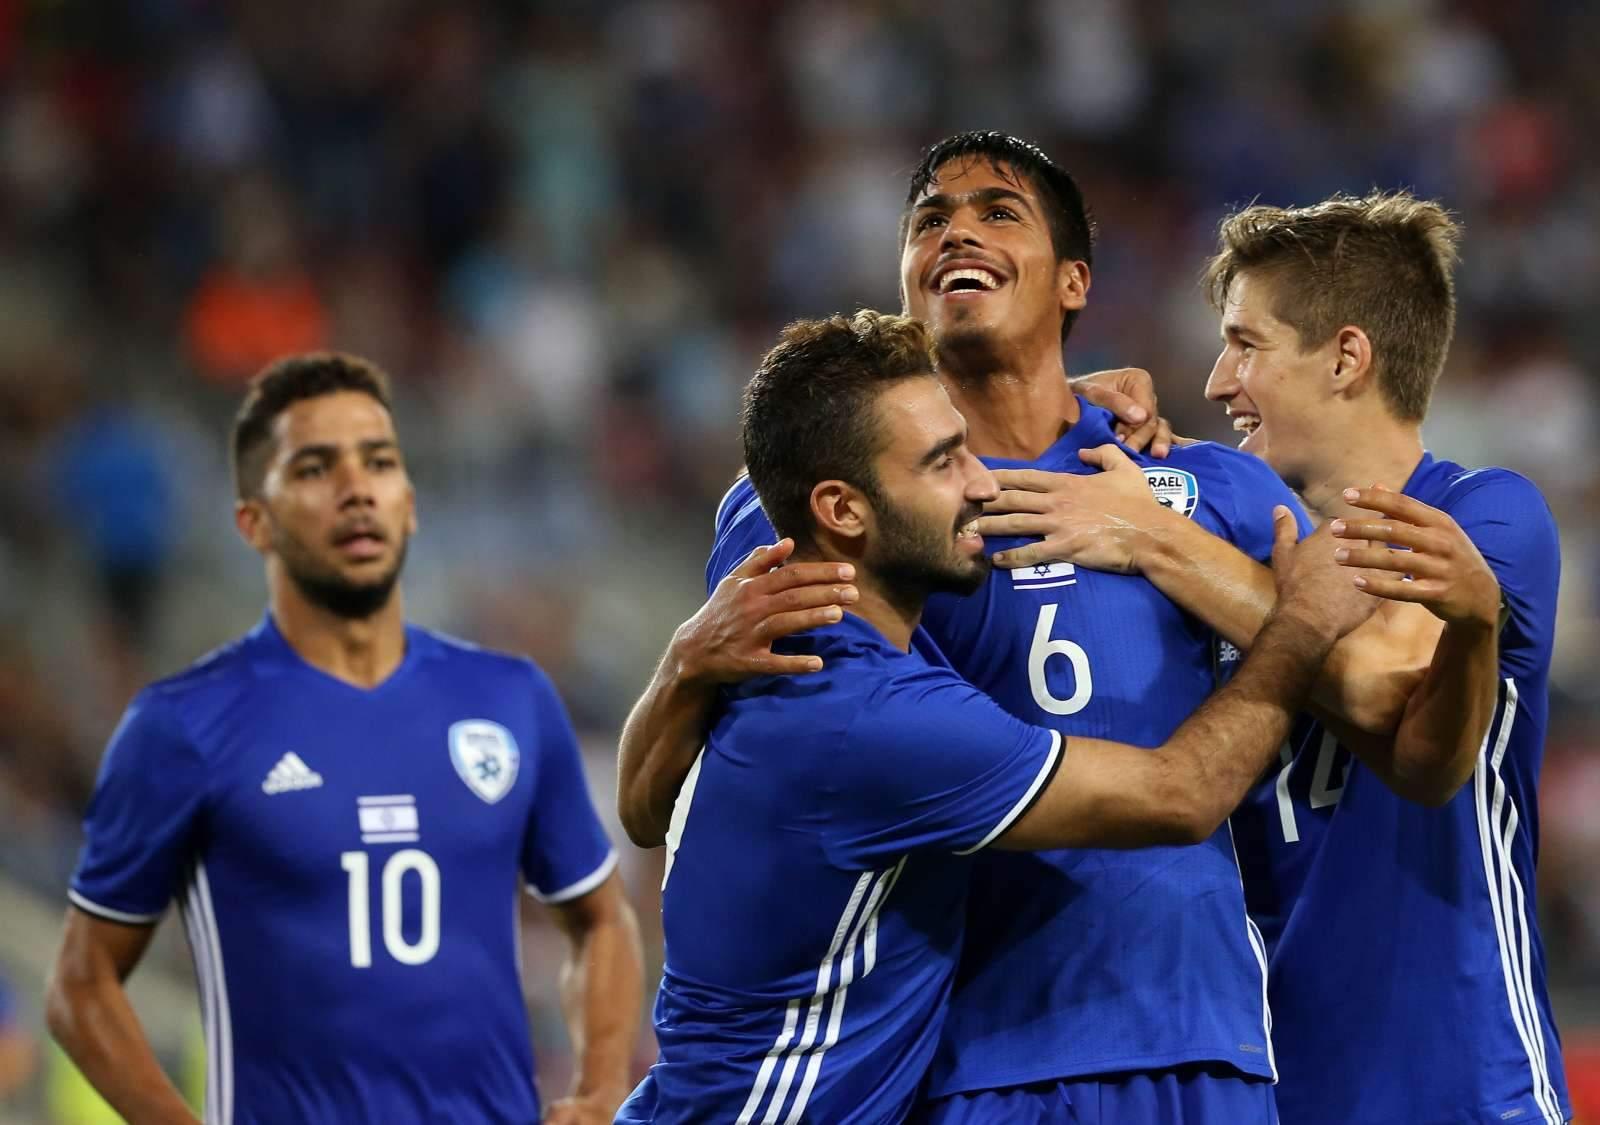 Фарерские острова – Израиль: прогноз на матч отборочного цикла чемпионата мира-2022 - 1 сентября 2021